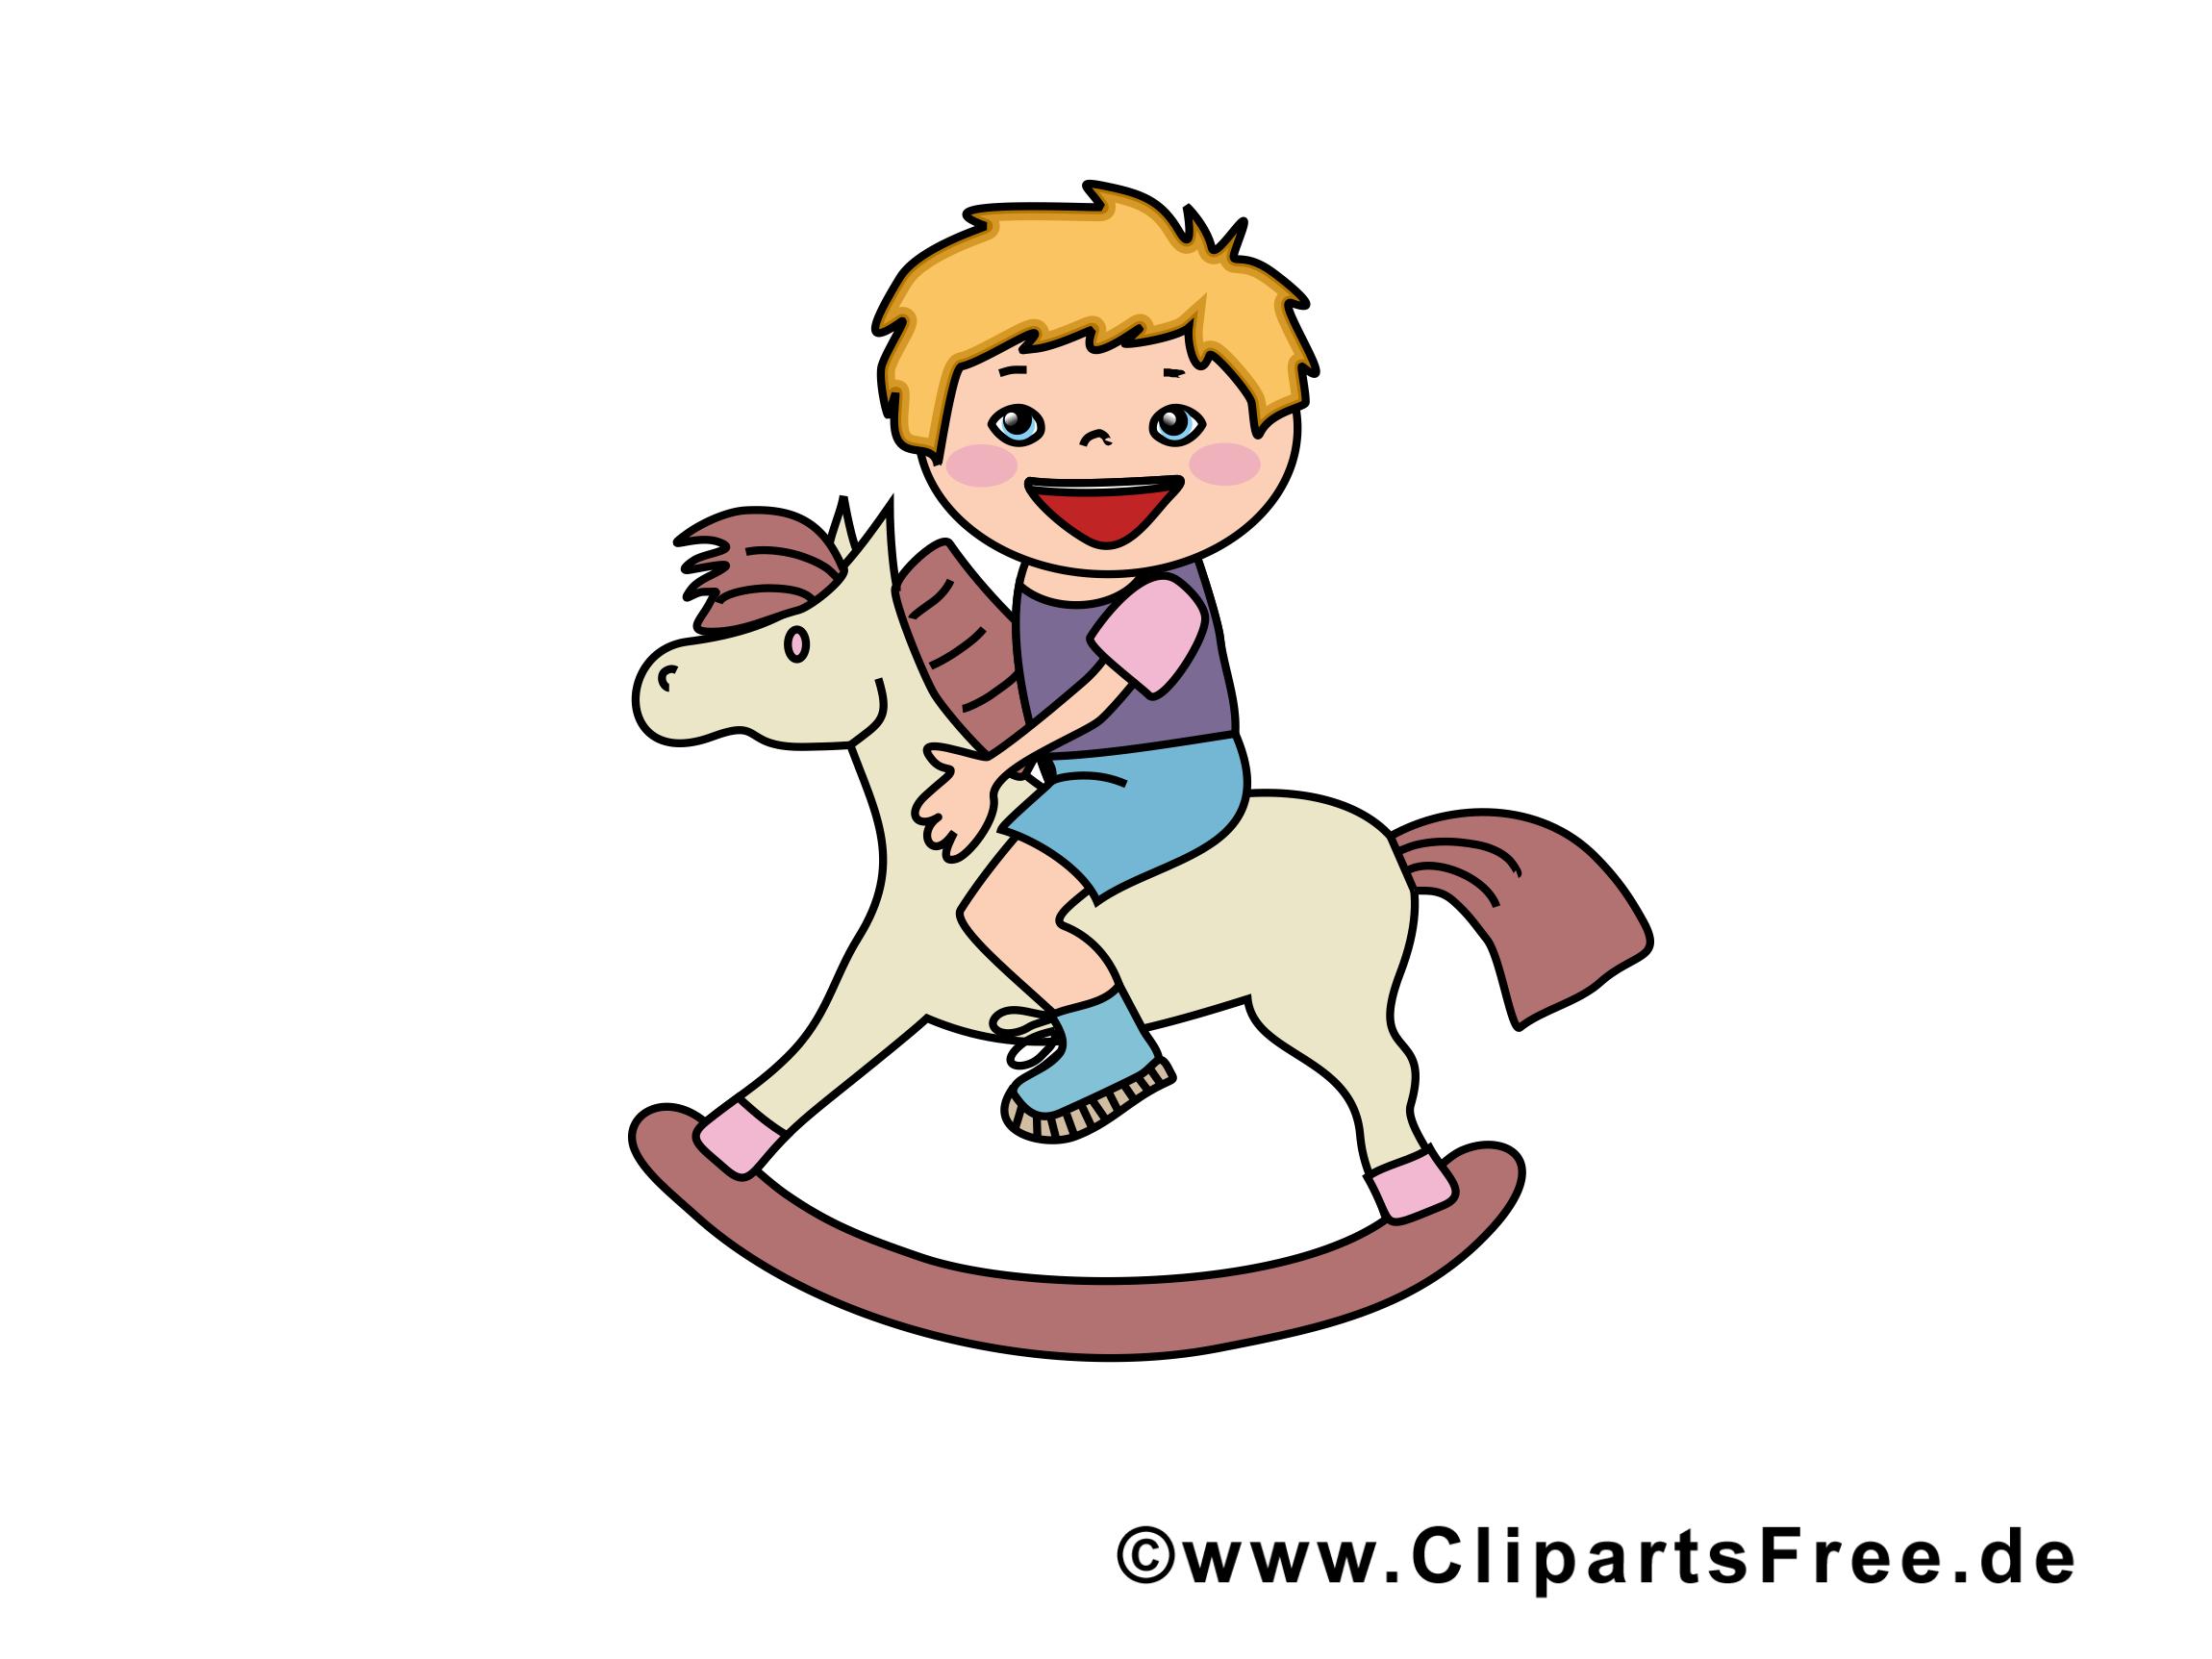 Cheval en bois cliparts gratuis gosse images gratuites - Clipart cheval gratuit ...